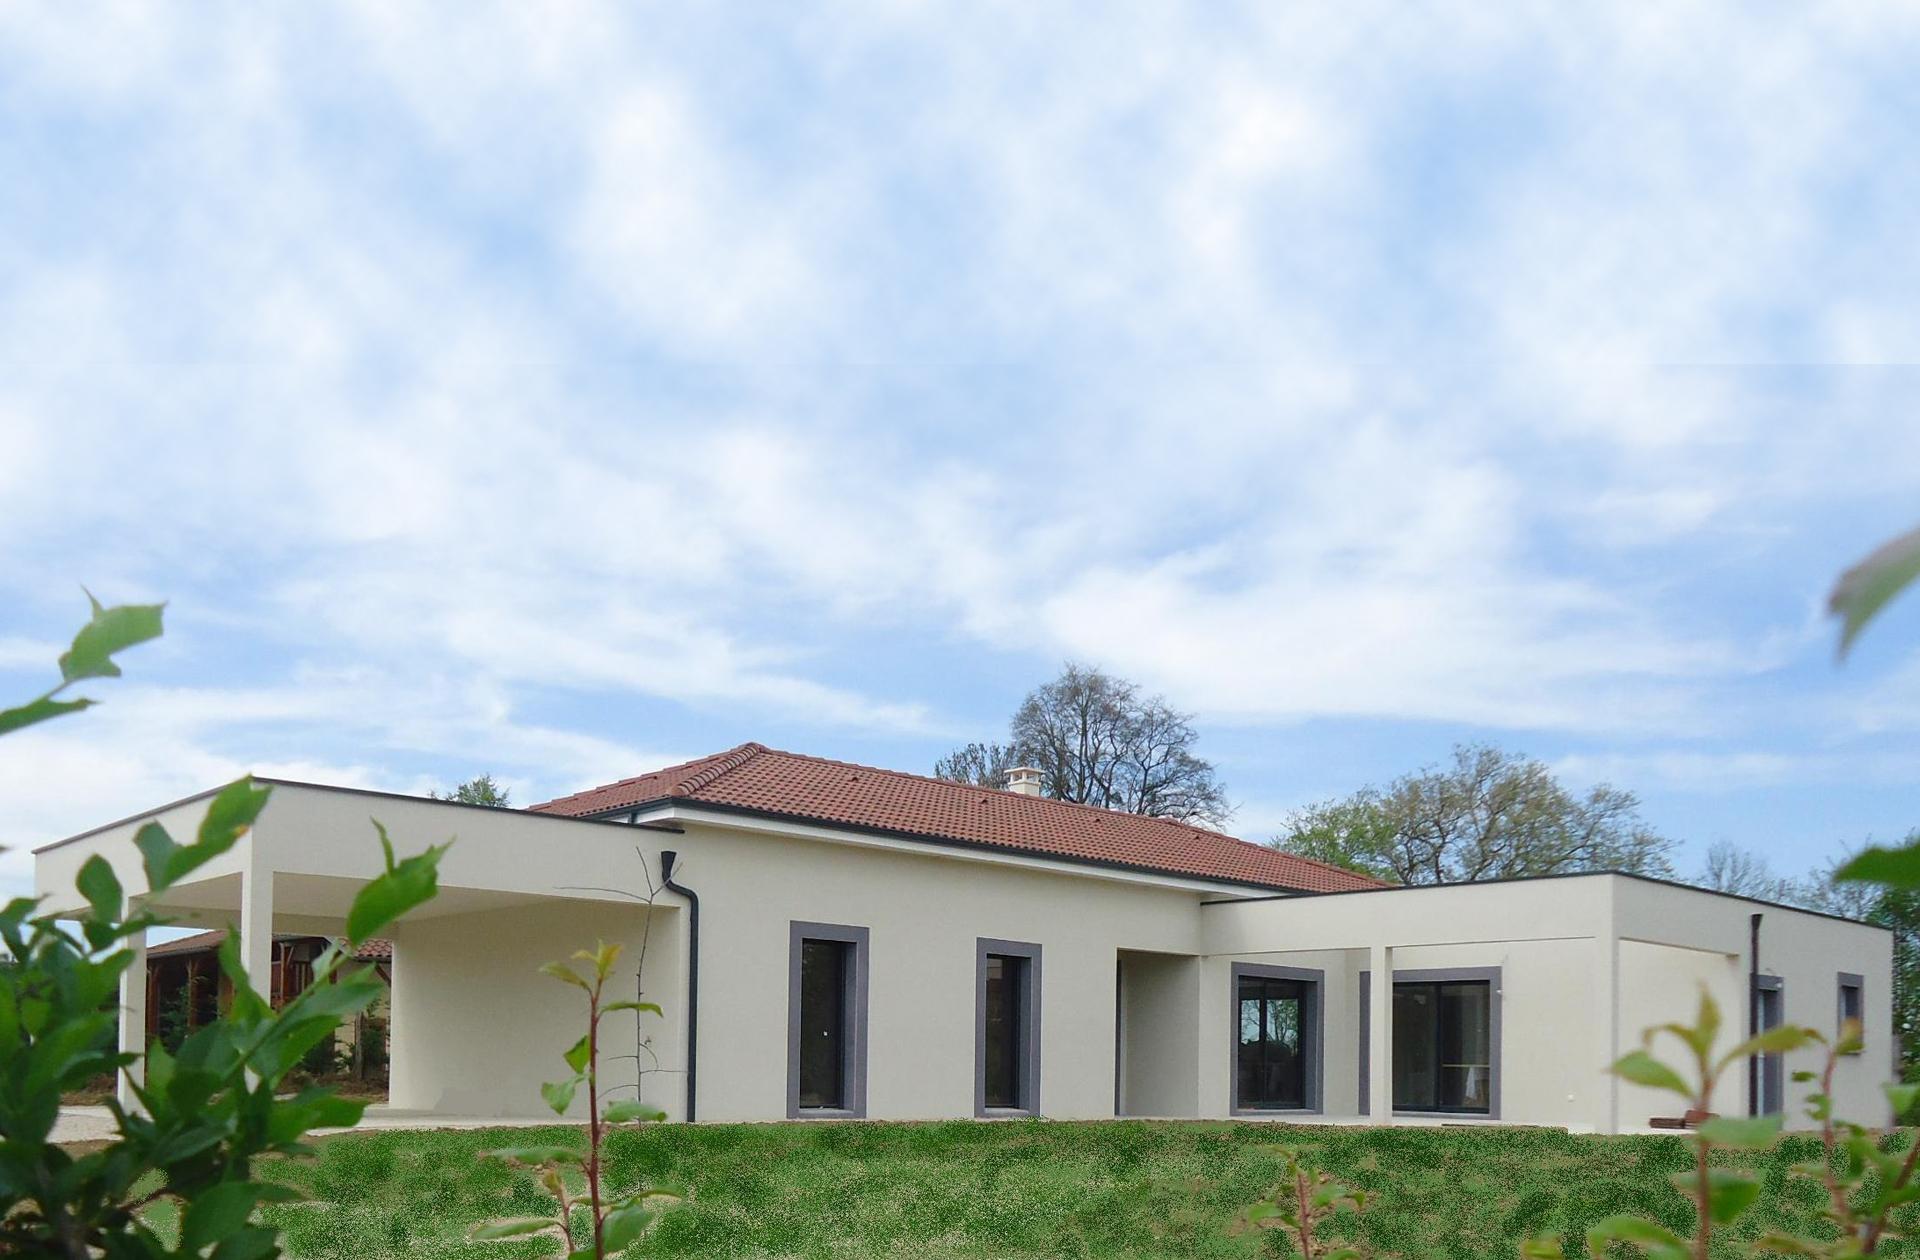 Constructeur maison individuelle habitat libre for Constructeur maison individuelle 74